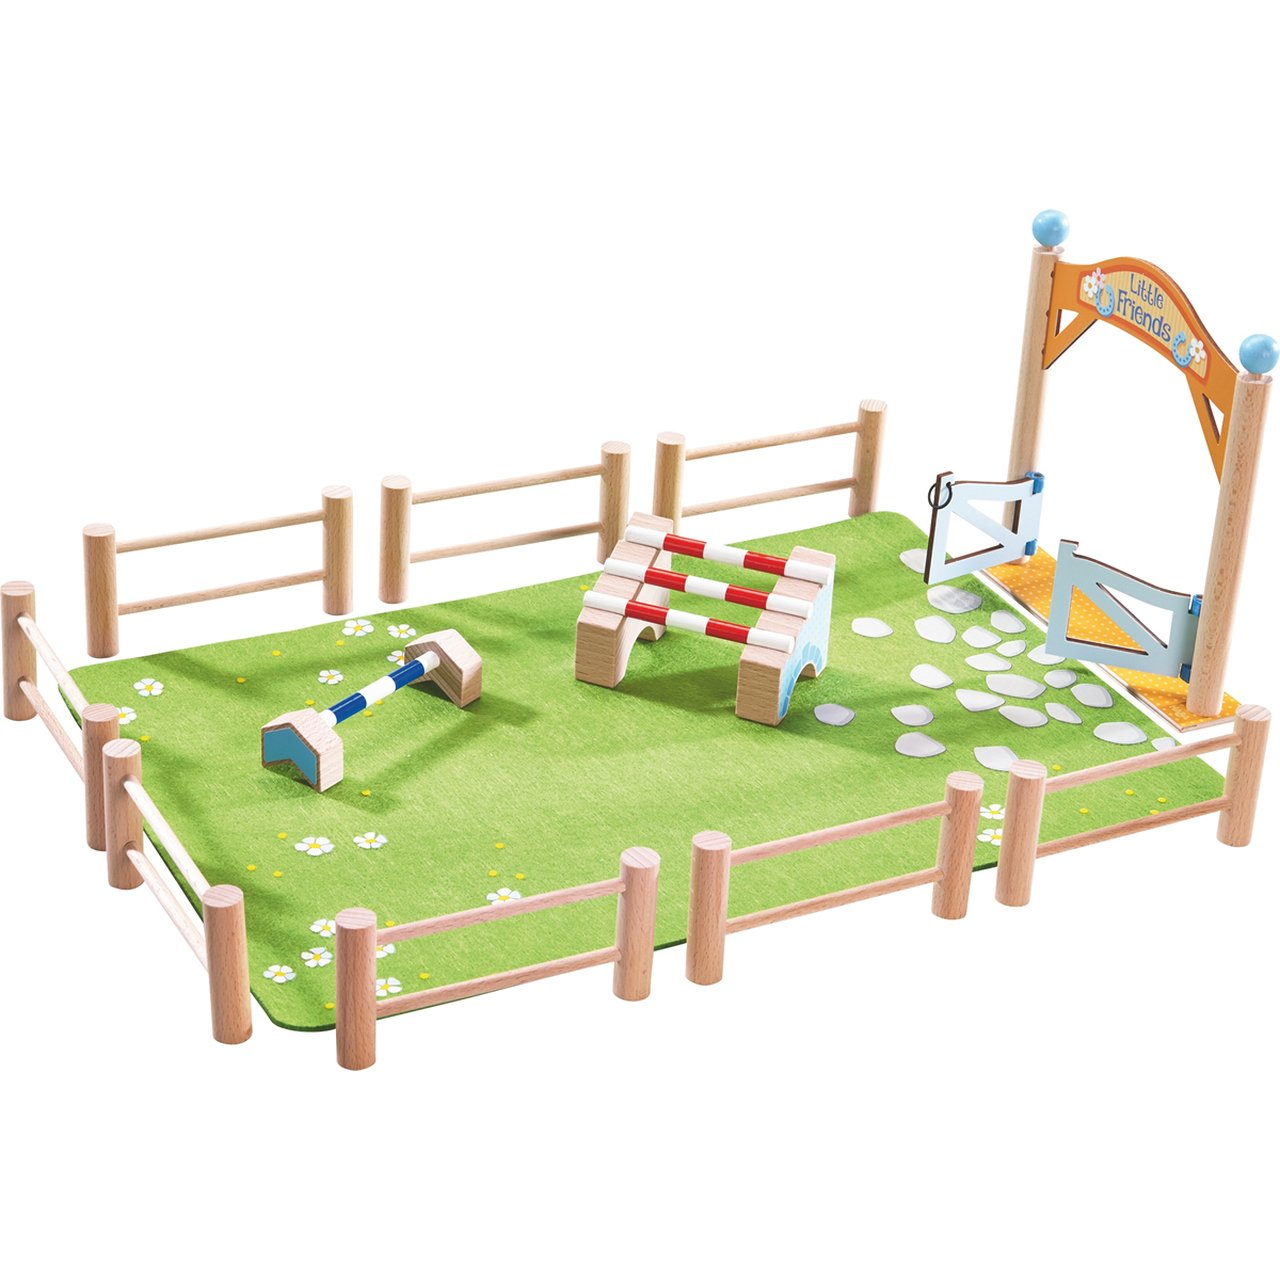 Little Friends Jumping Tournament Play Set